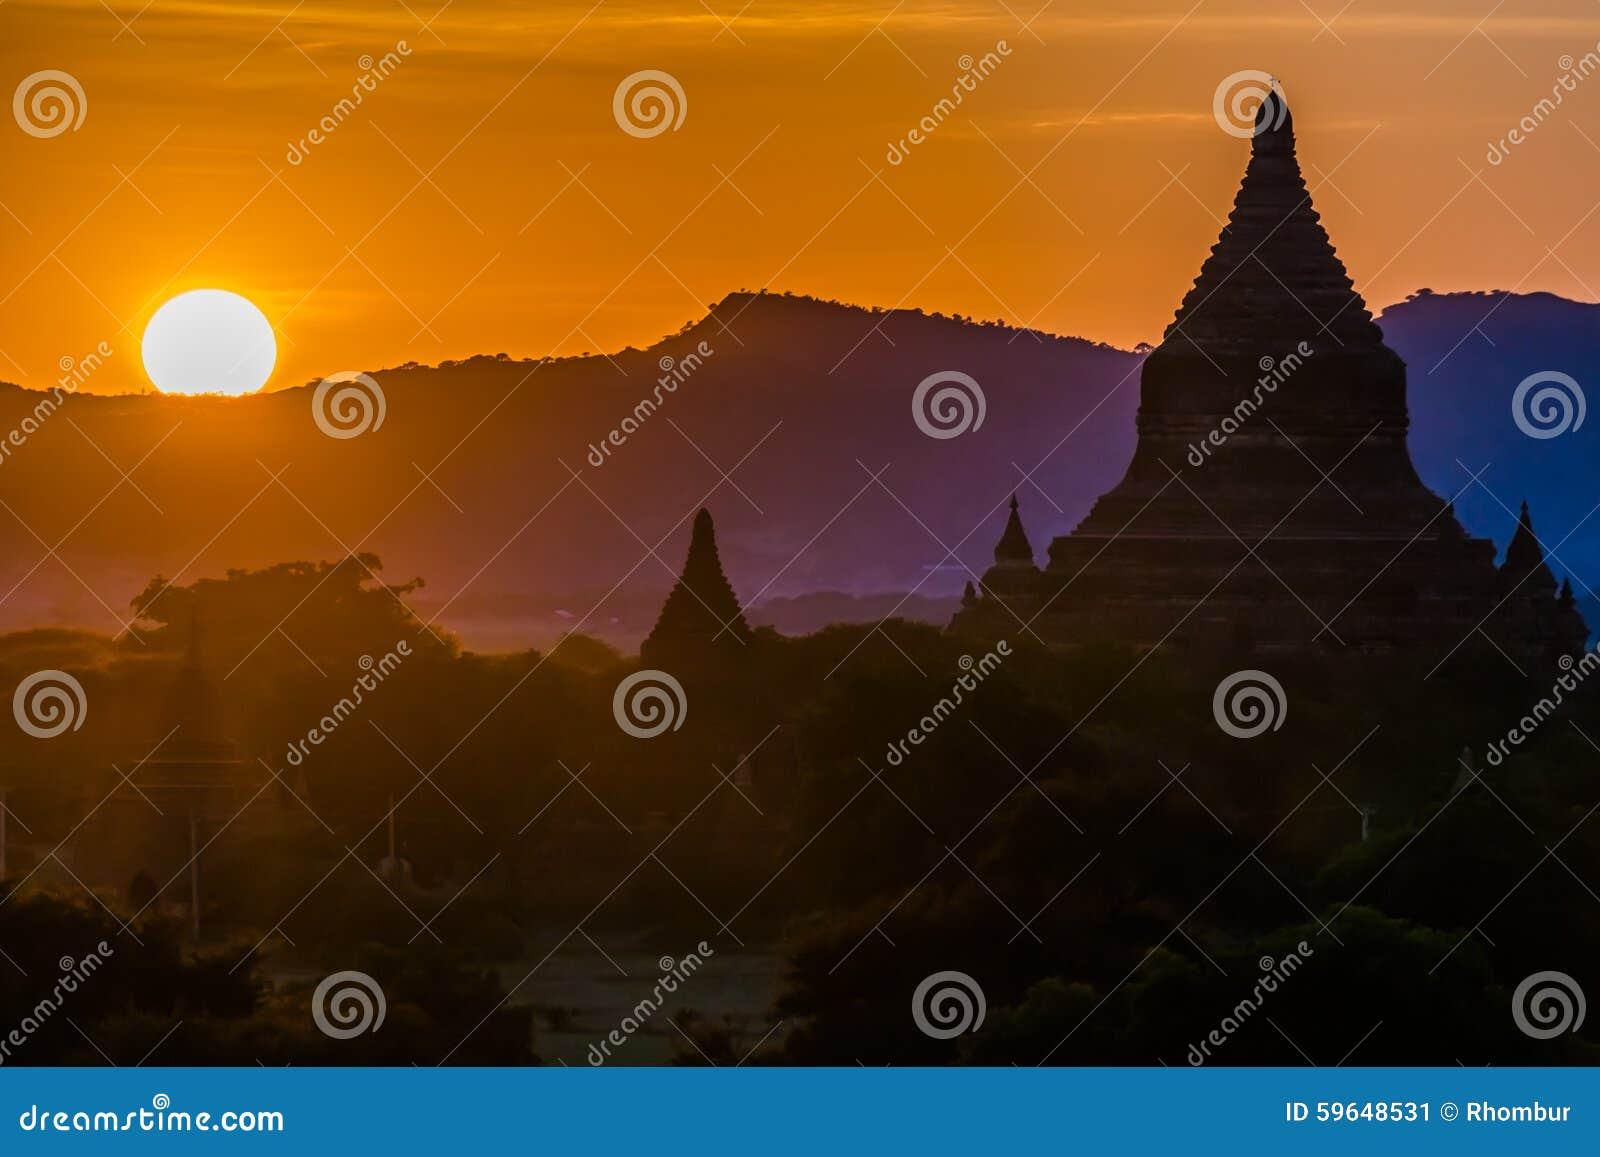 Silueta del templo de Bagan en la puesta del sol